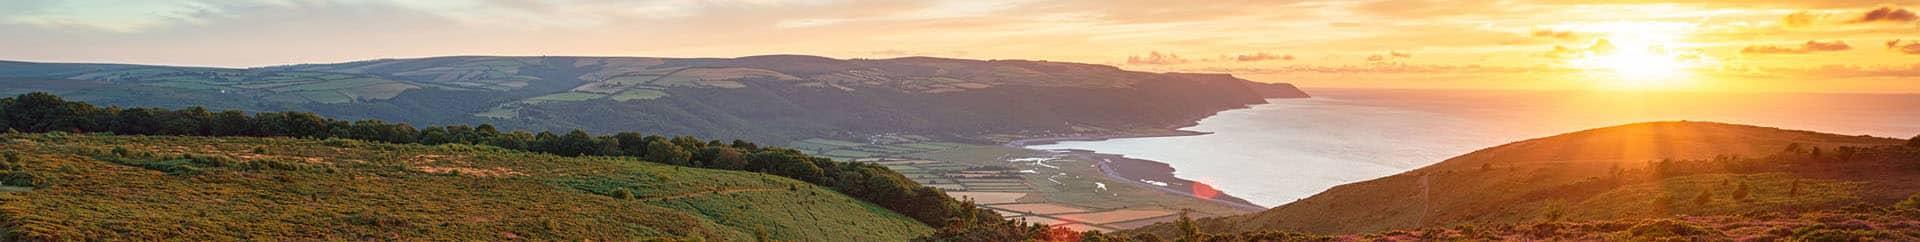 10 Socially distanced activities to do in Exmoor